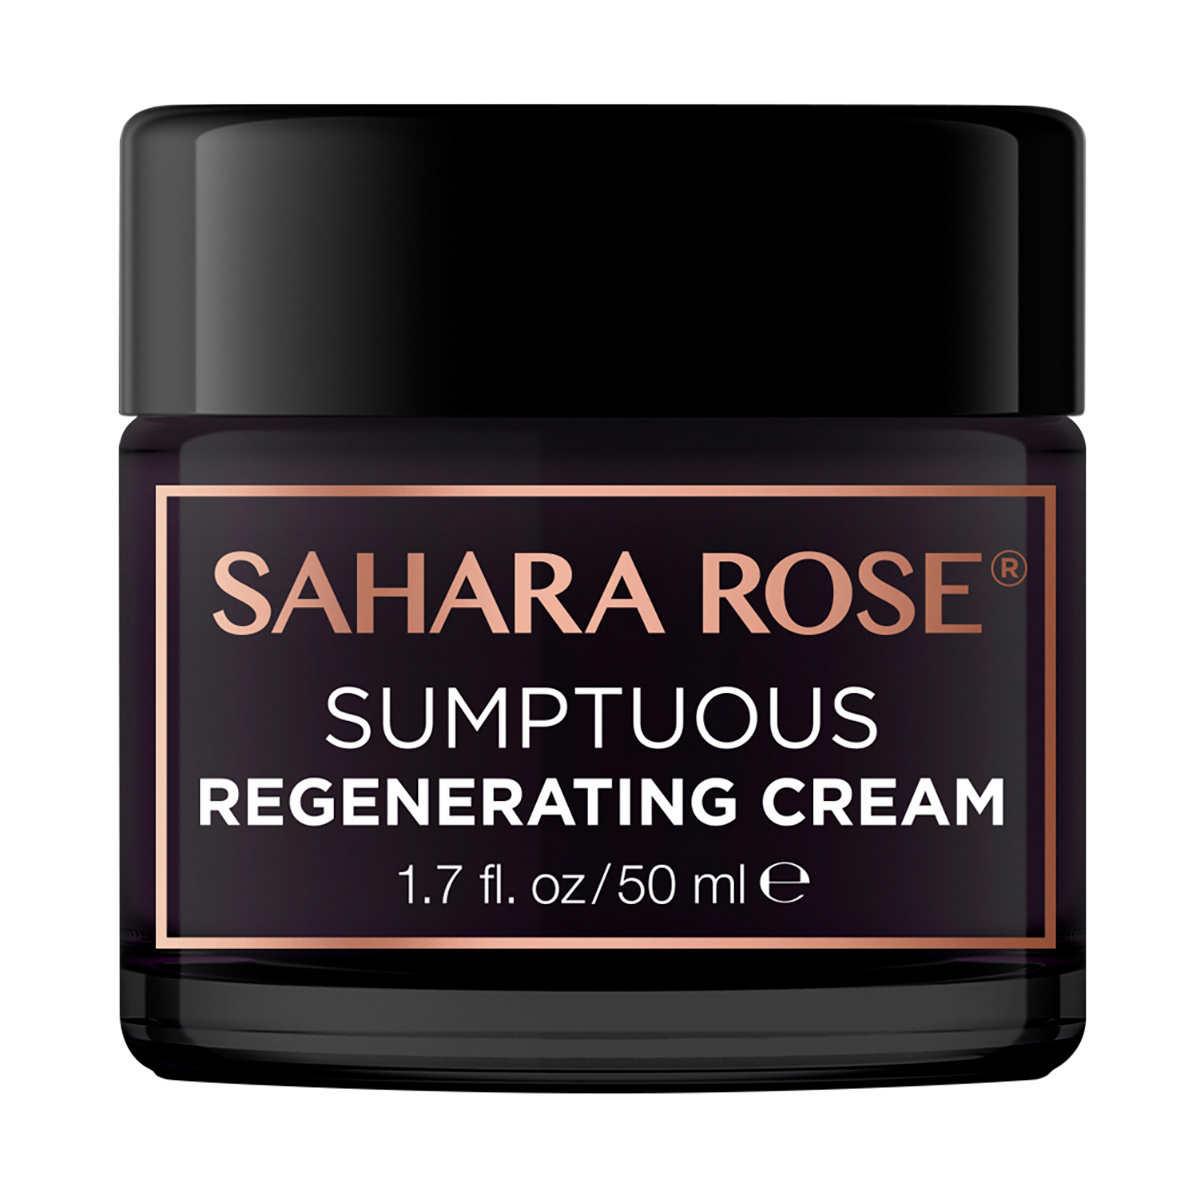 Sahara Rose Sumptuous Regenerating Cream, 1 7 fl oz